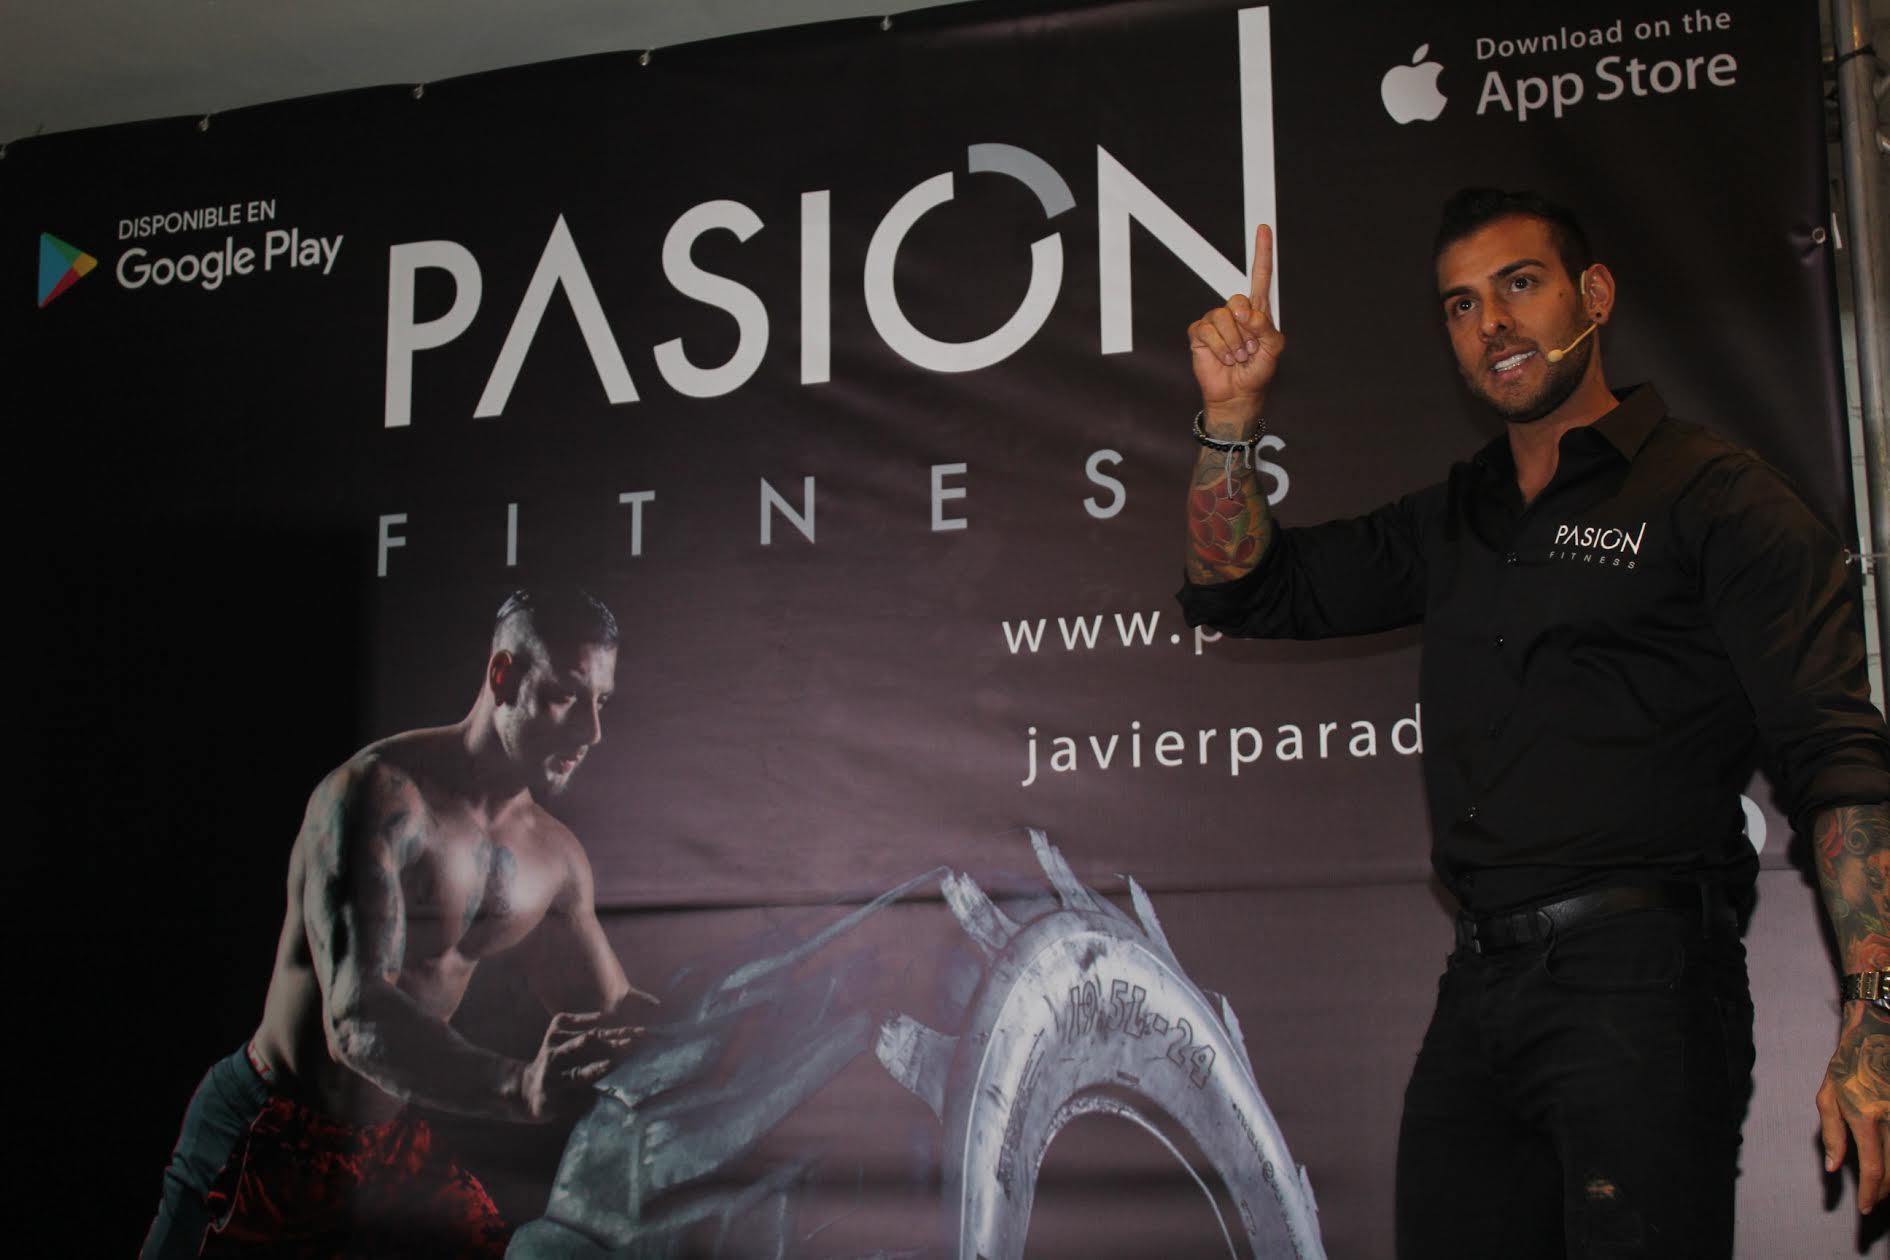 Pasión Fitness: Un App para estar en forma